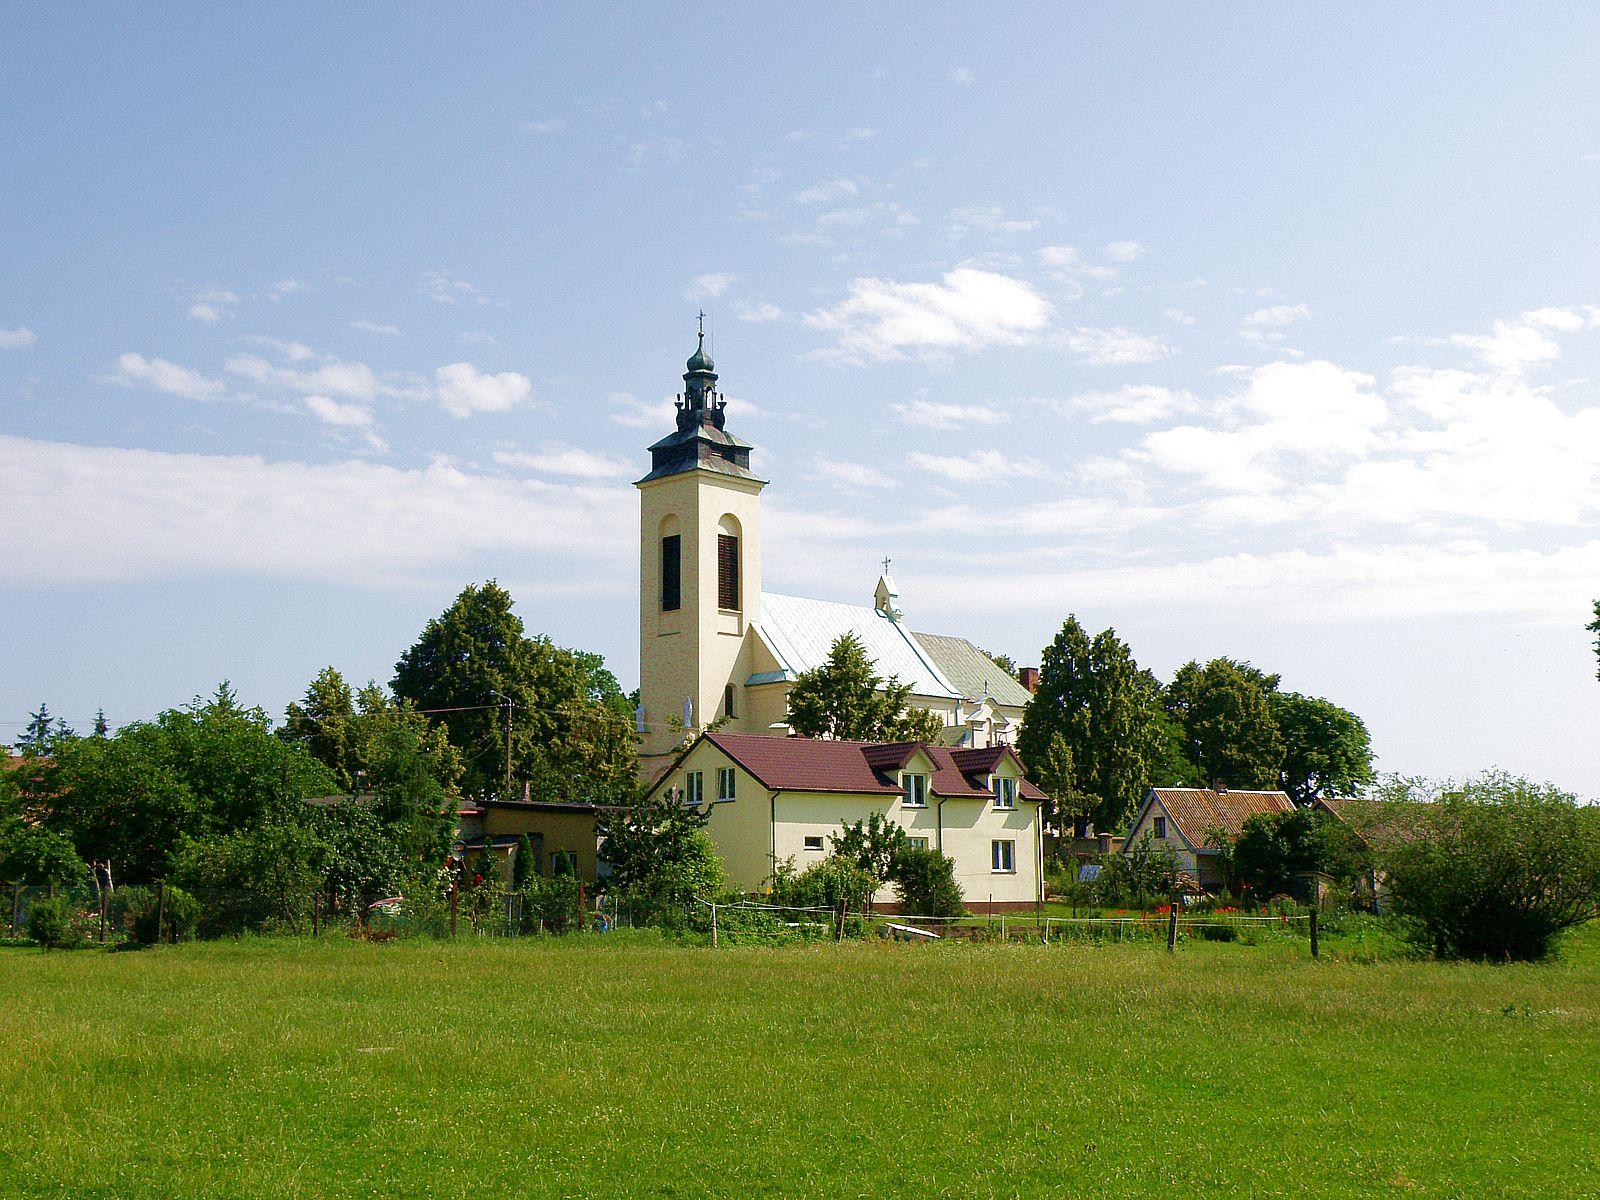 Kościół Św. Anny w Pomiechówku